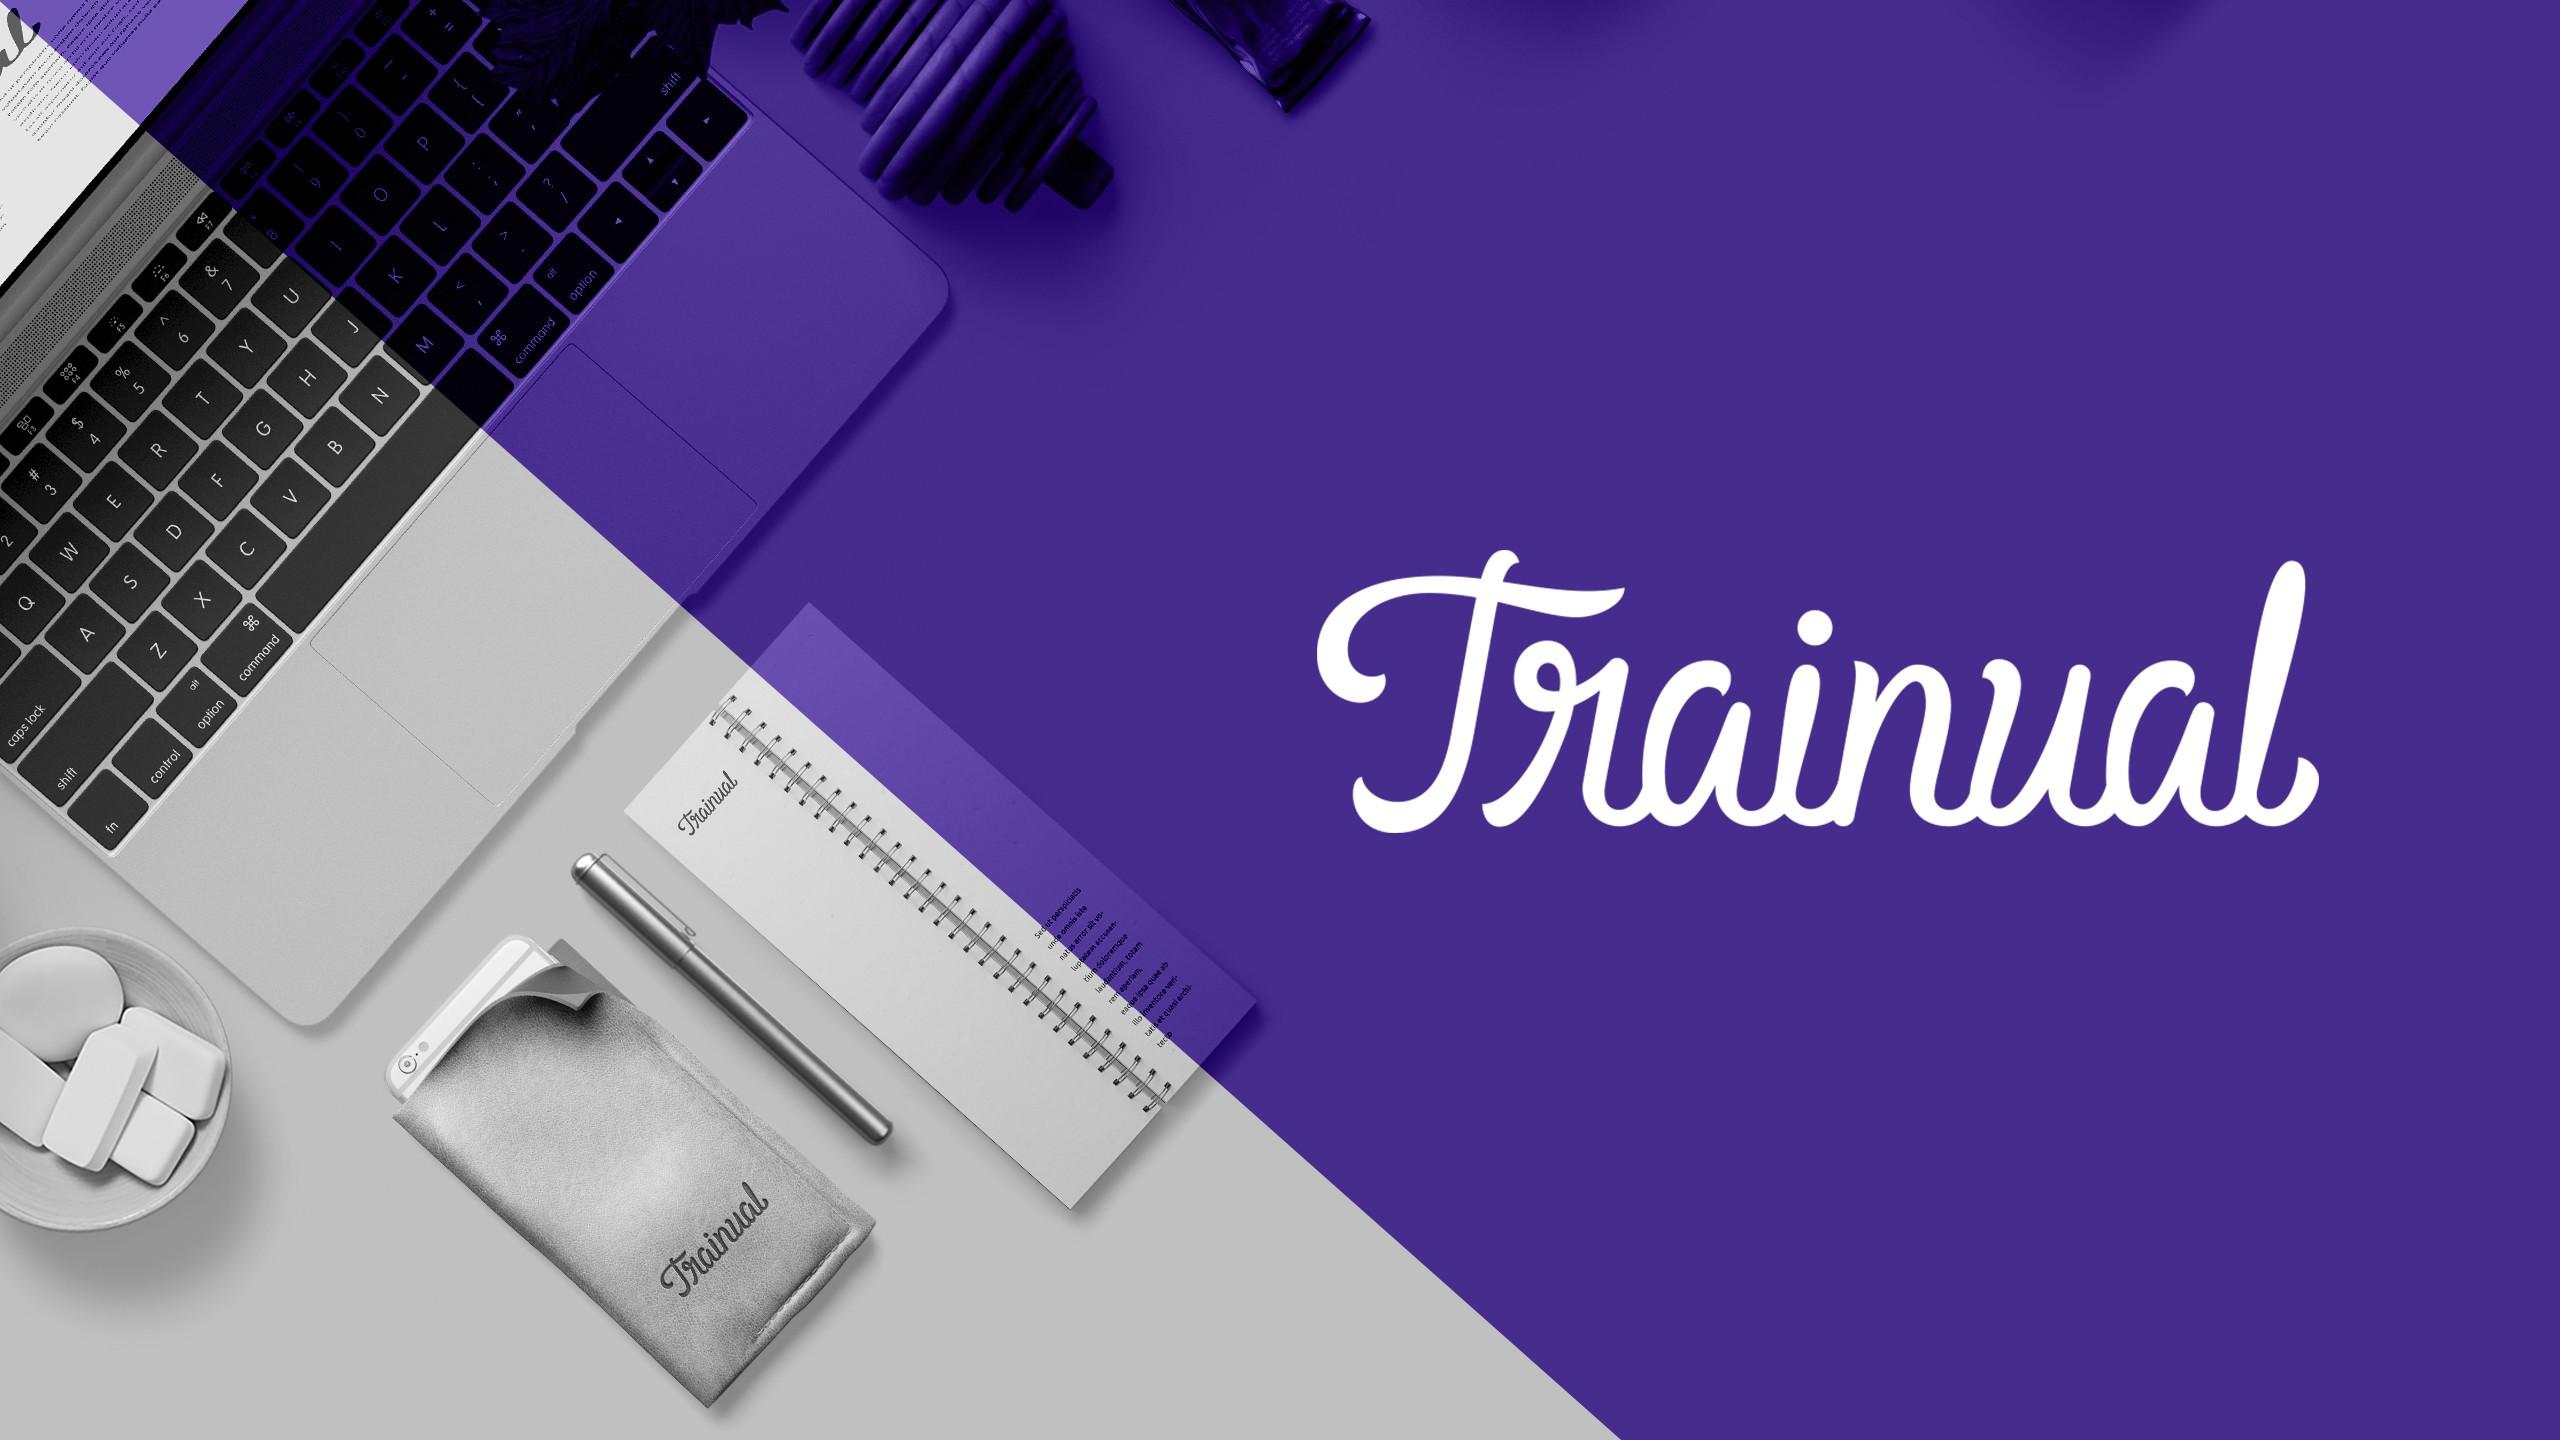 Online Training Software Needs a Fun, Modern Logo!